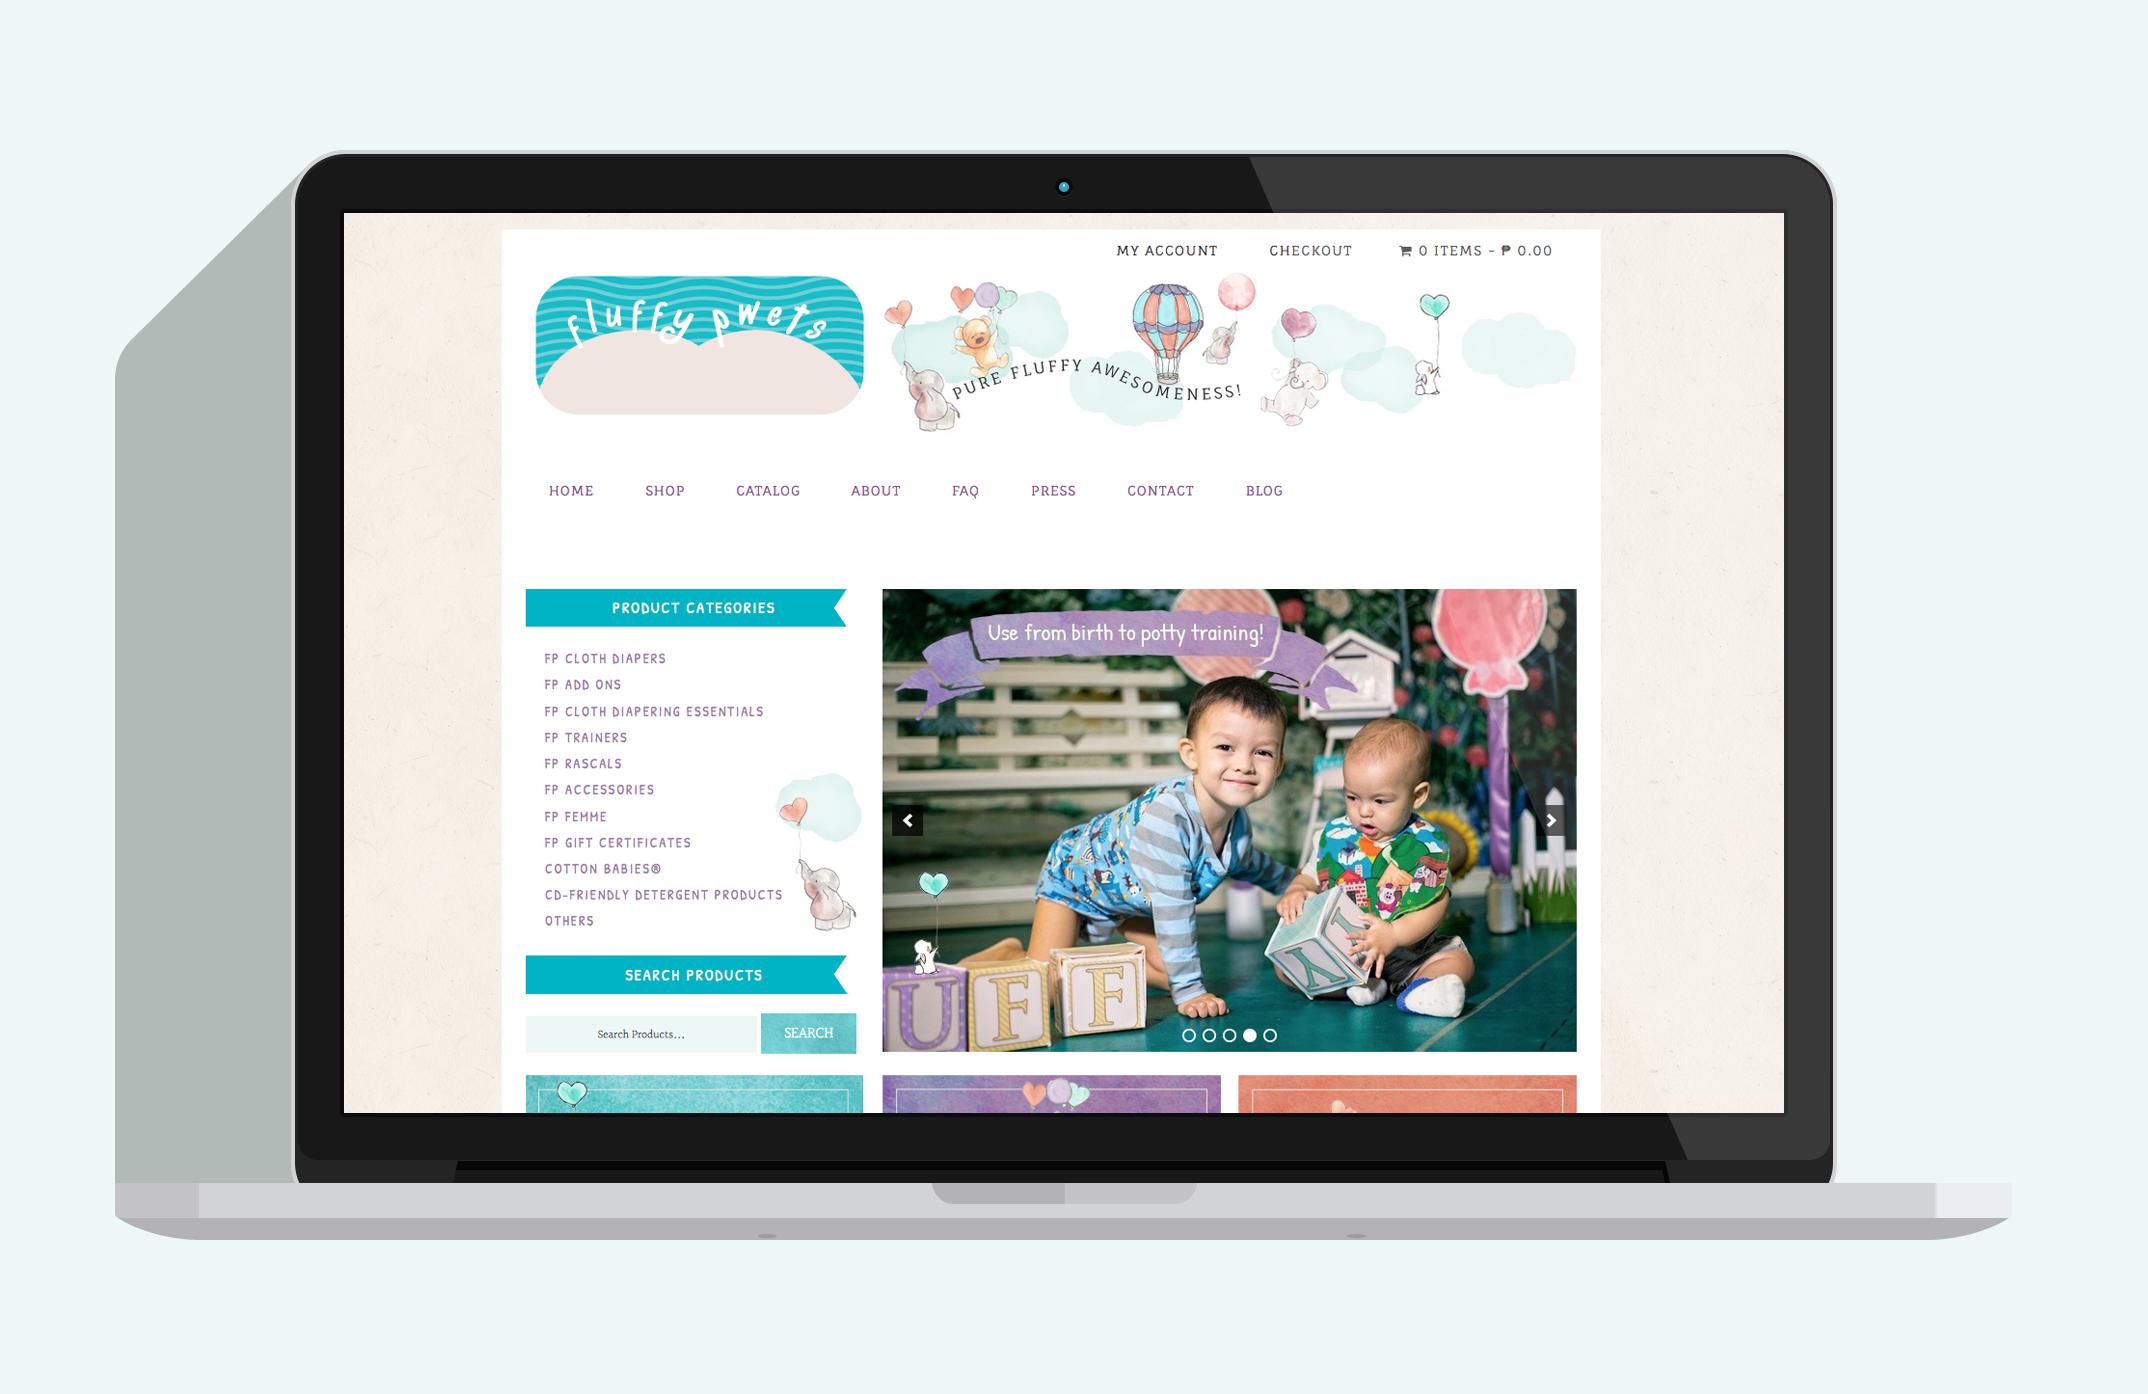 homepage-macbook